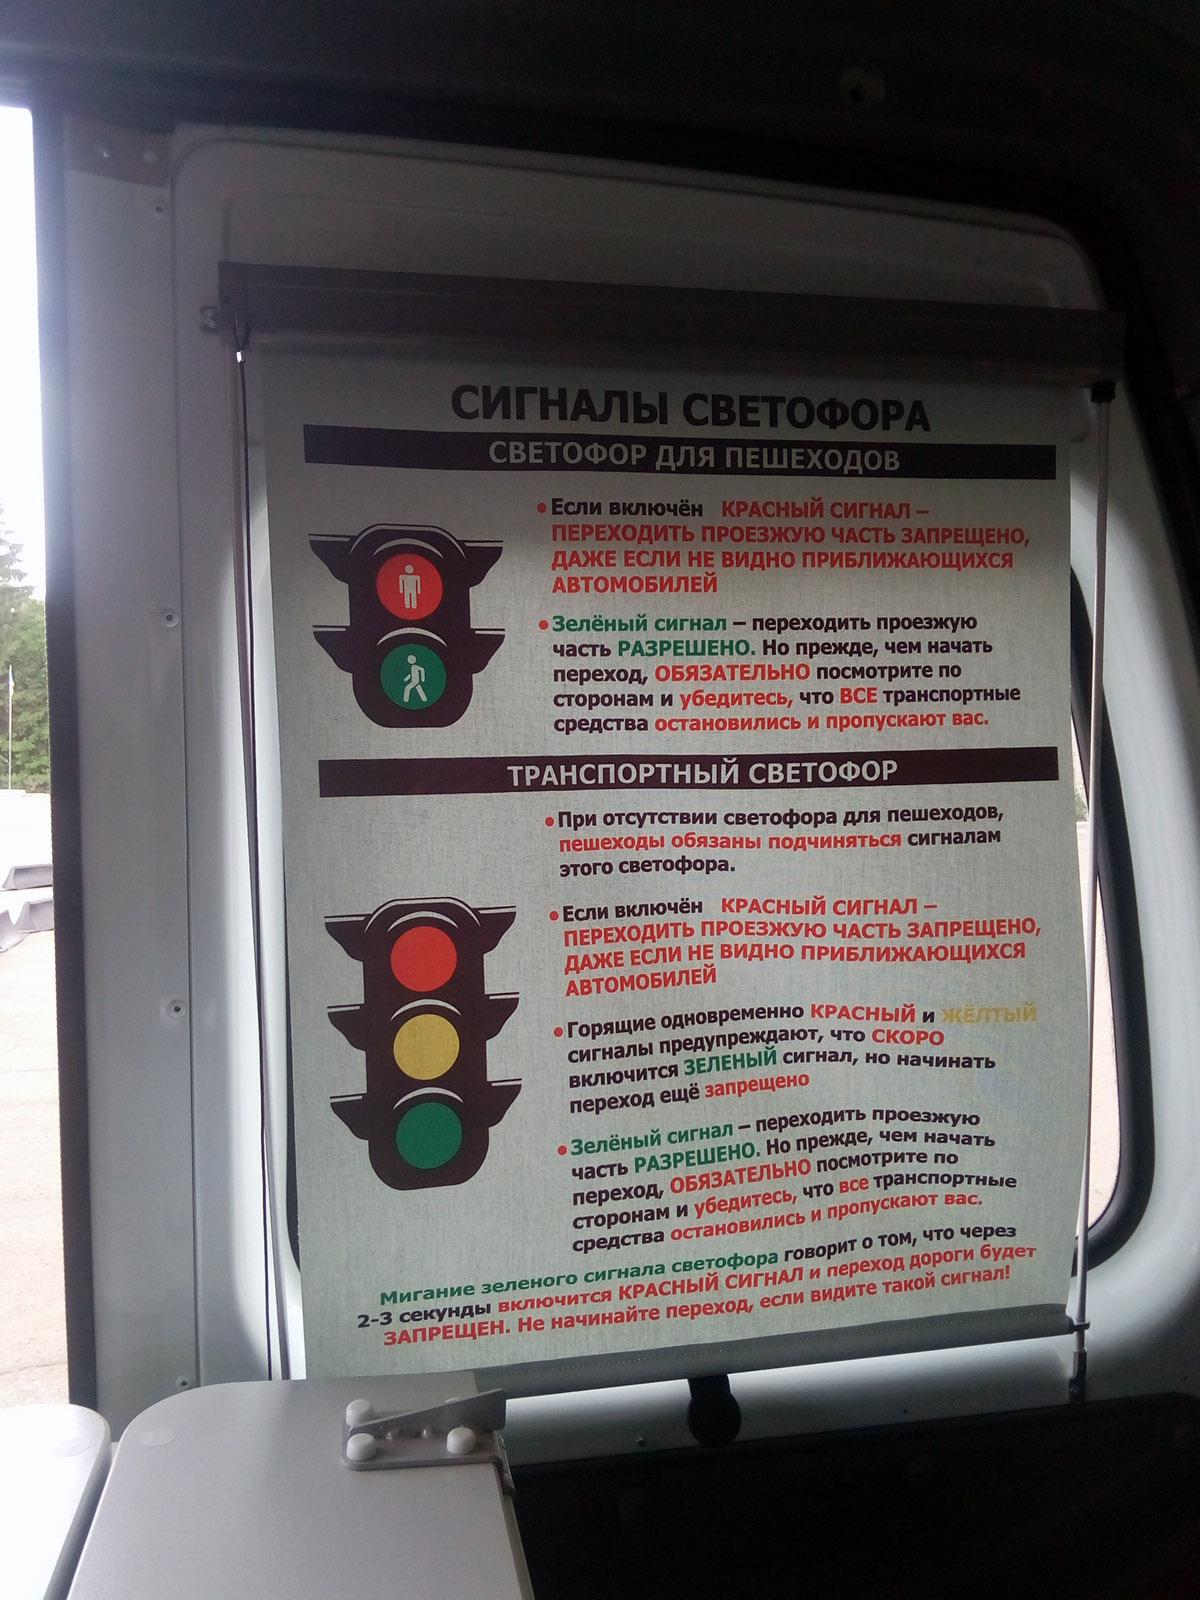 Старая Майна на площади Ленина был развернут мобильный авто городок АВТОГРАД МОБИЛЕ